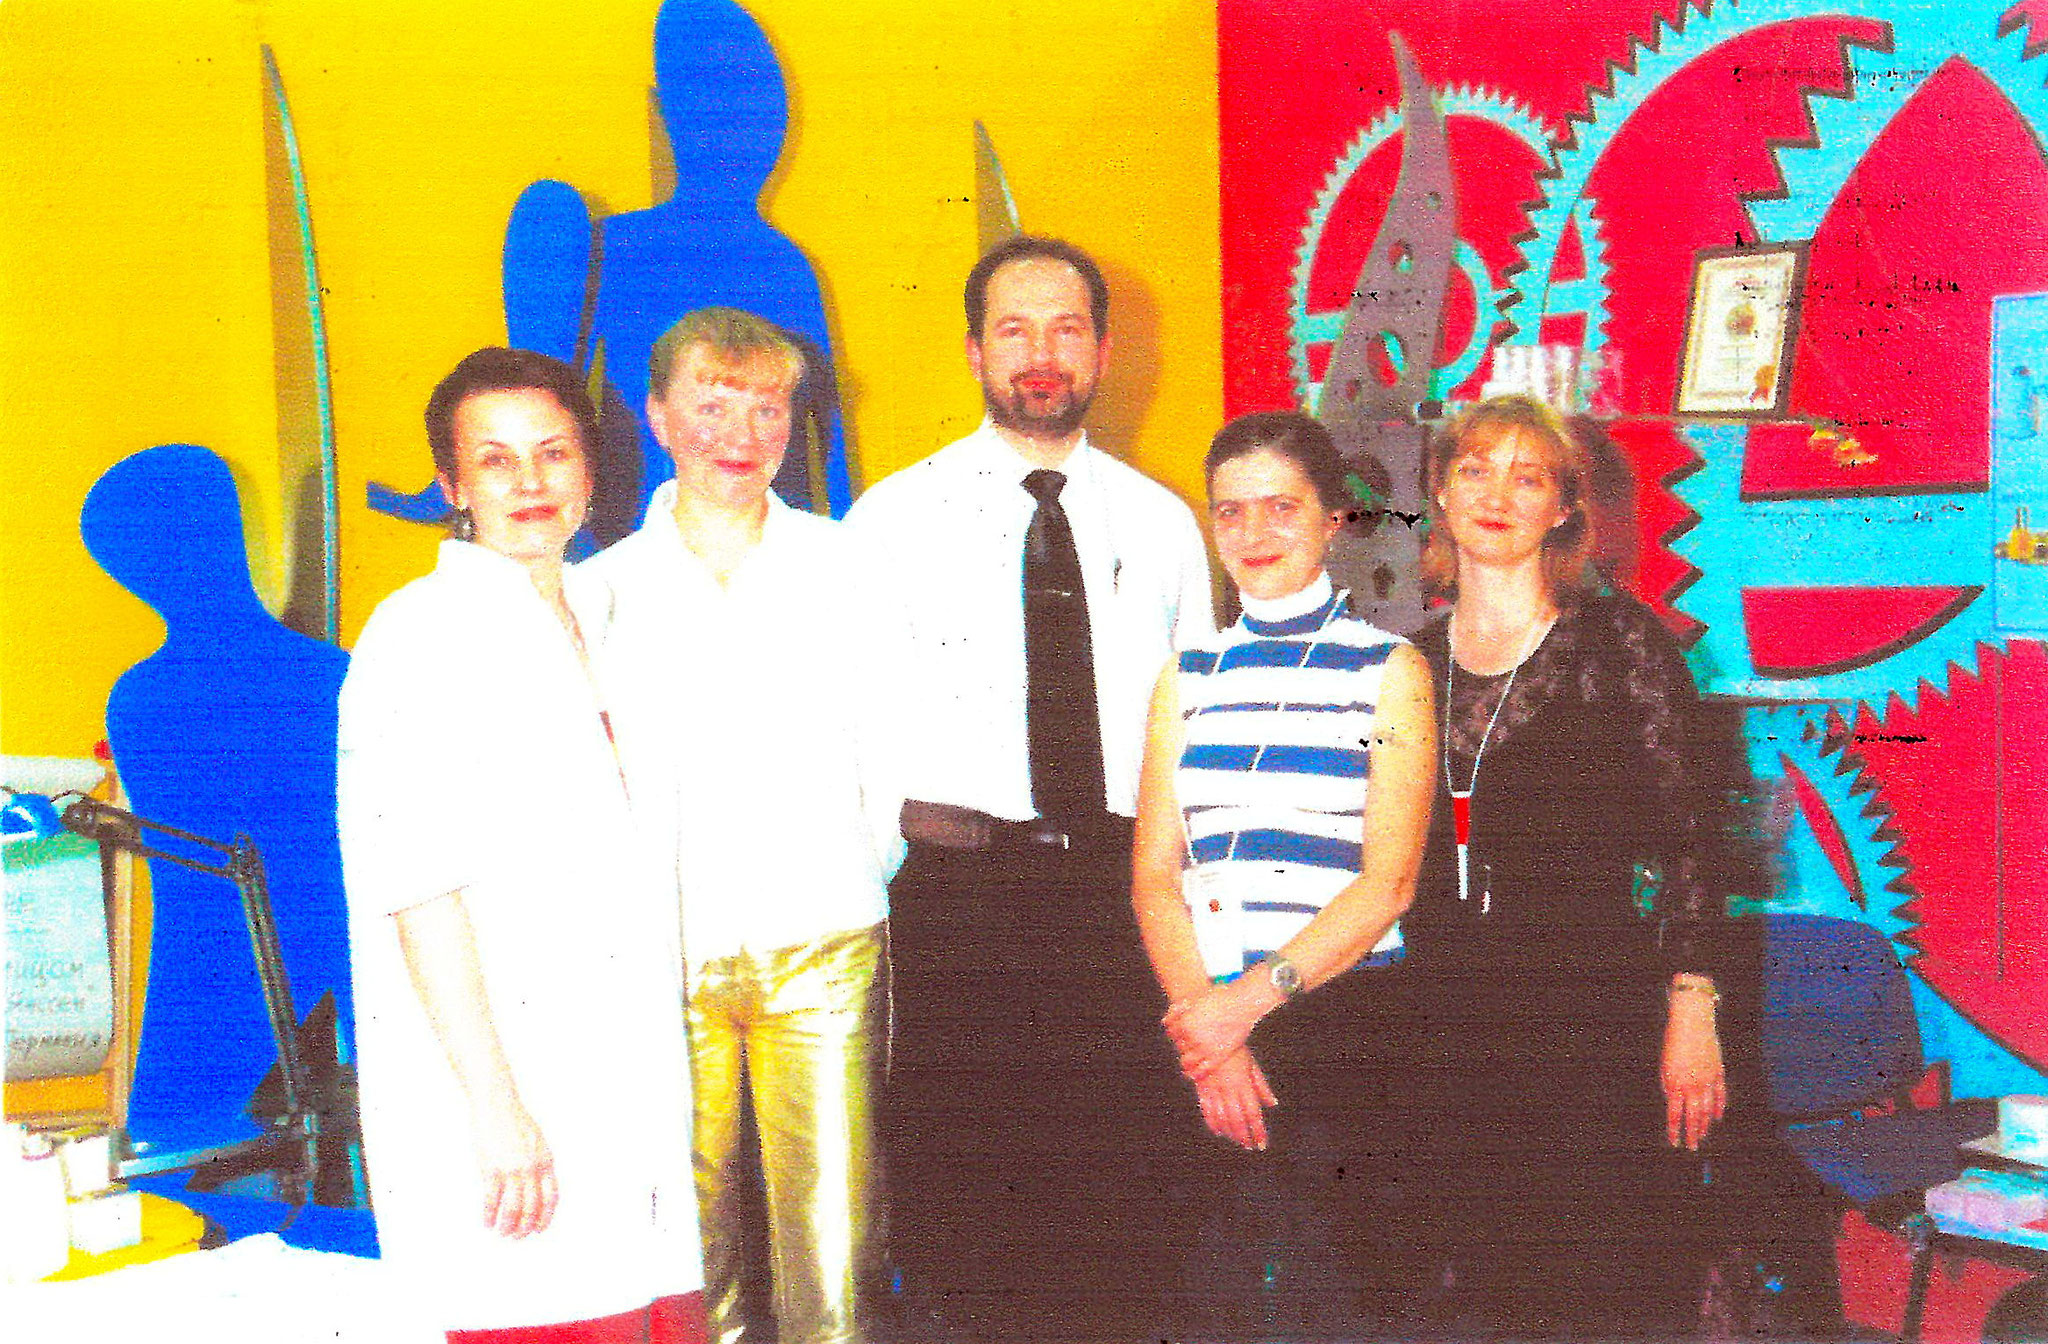 Erste Messe April 2001 in Moskau mit Lena und Tatyana